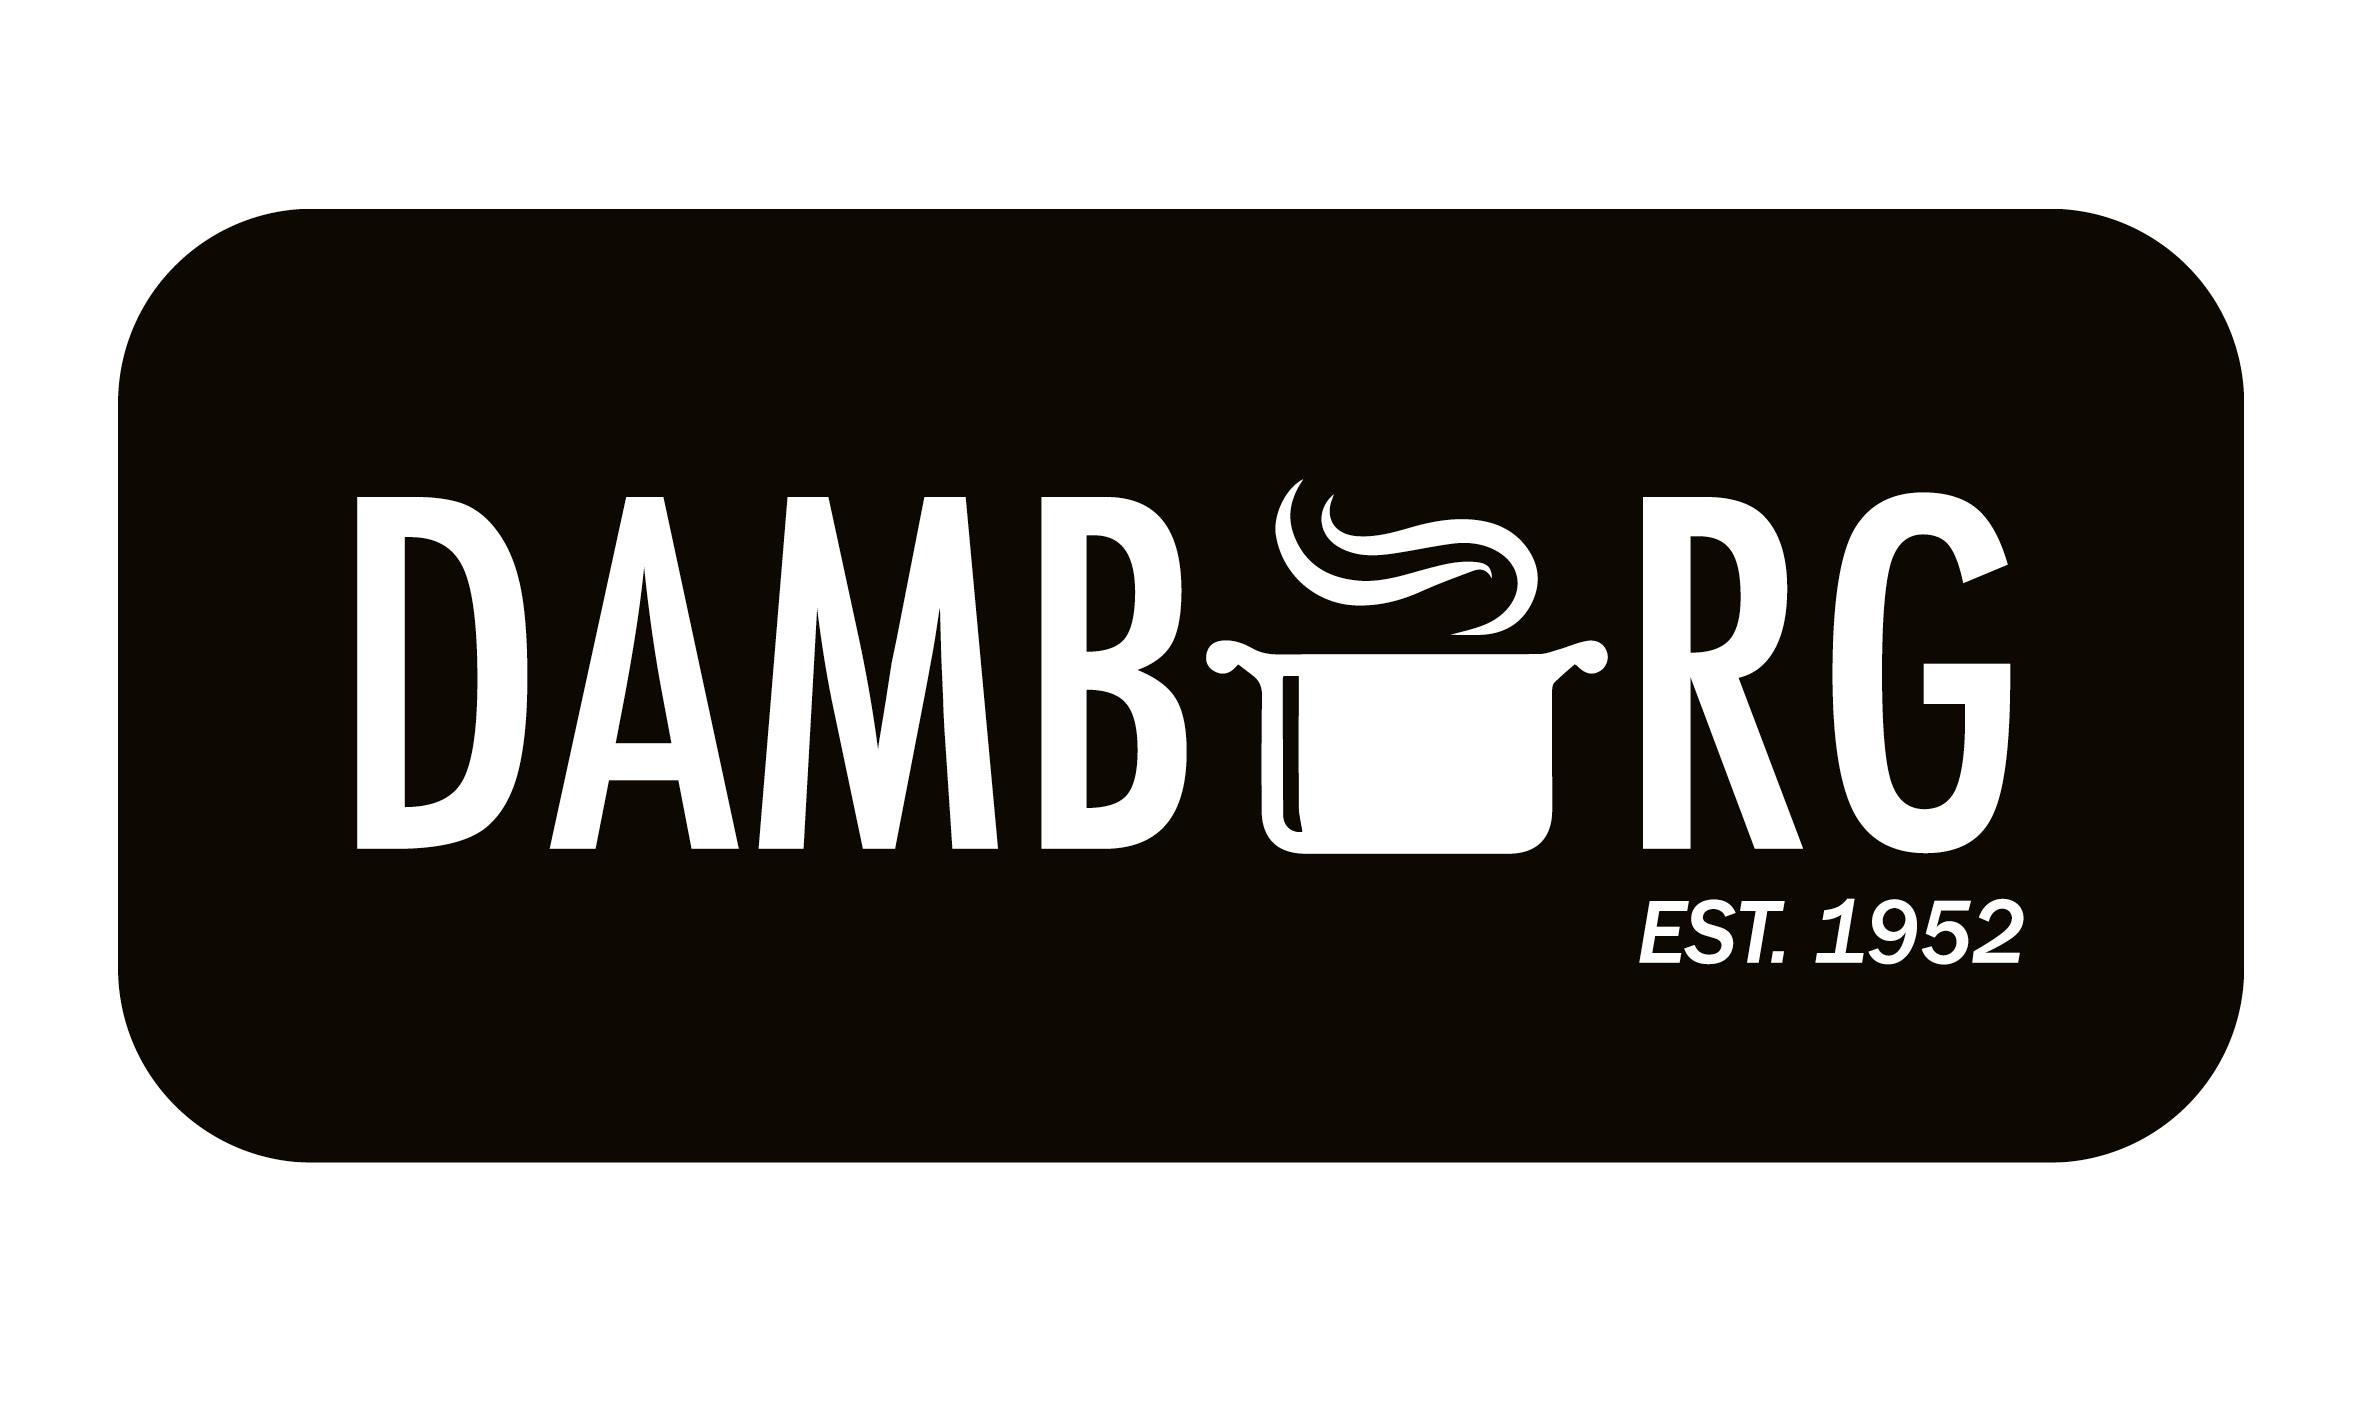 Damborg Isenkram logo